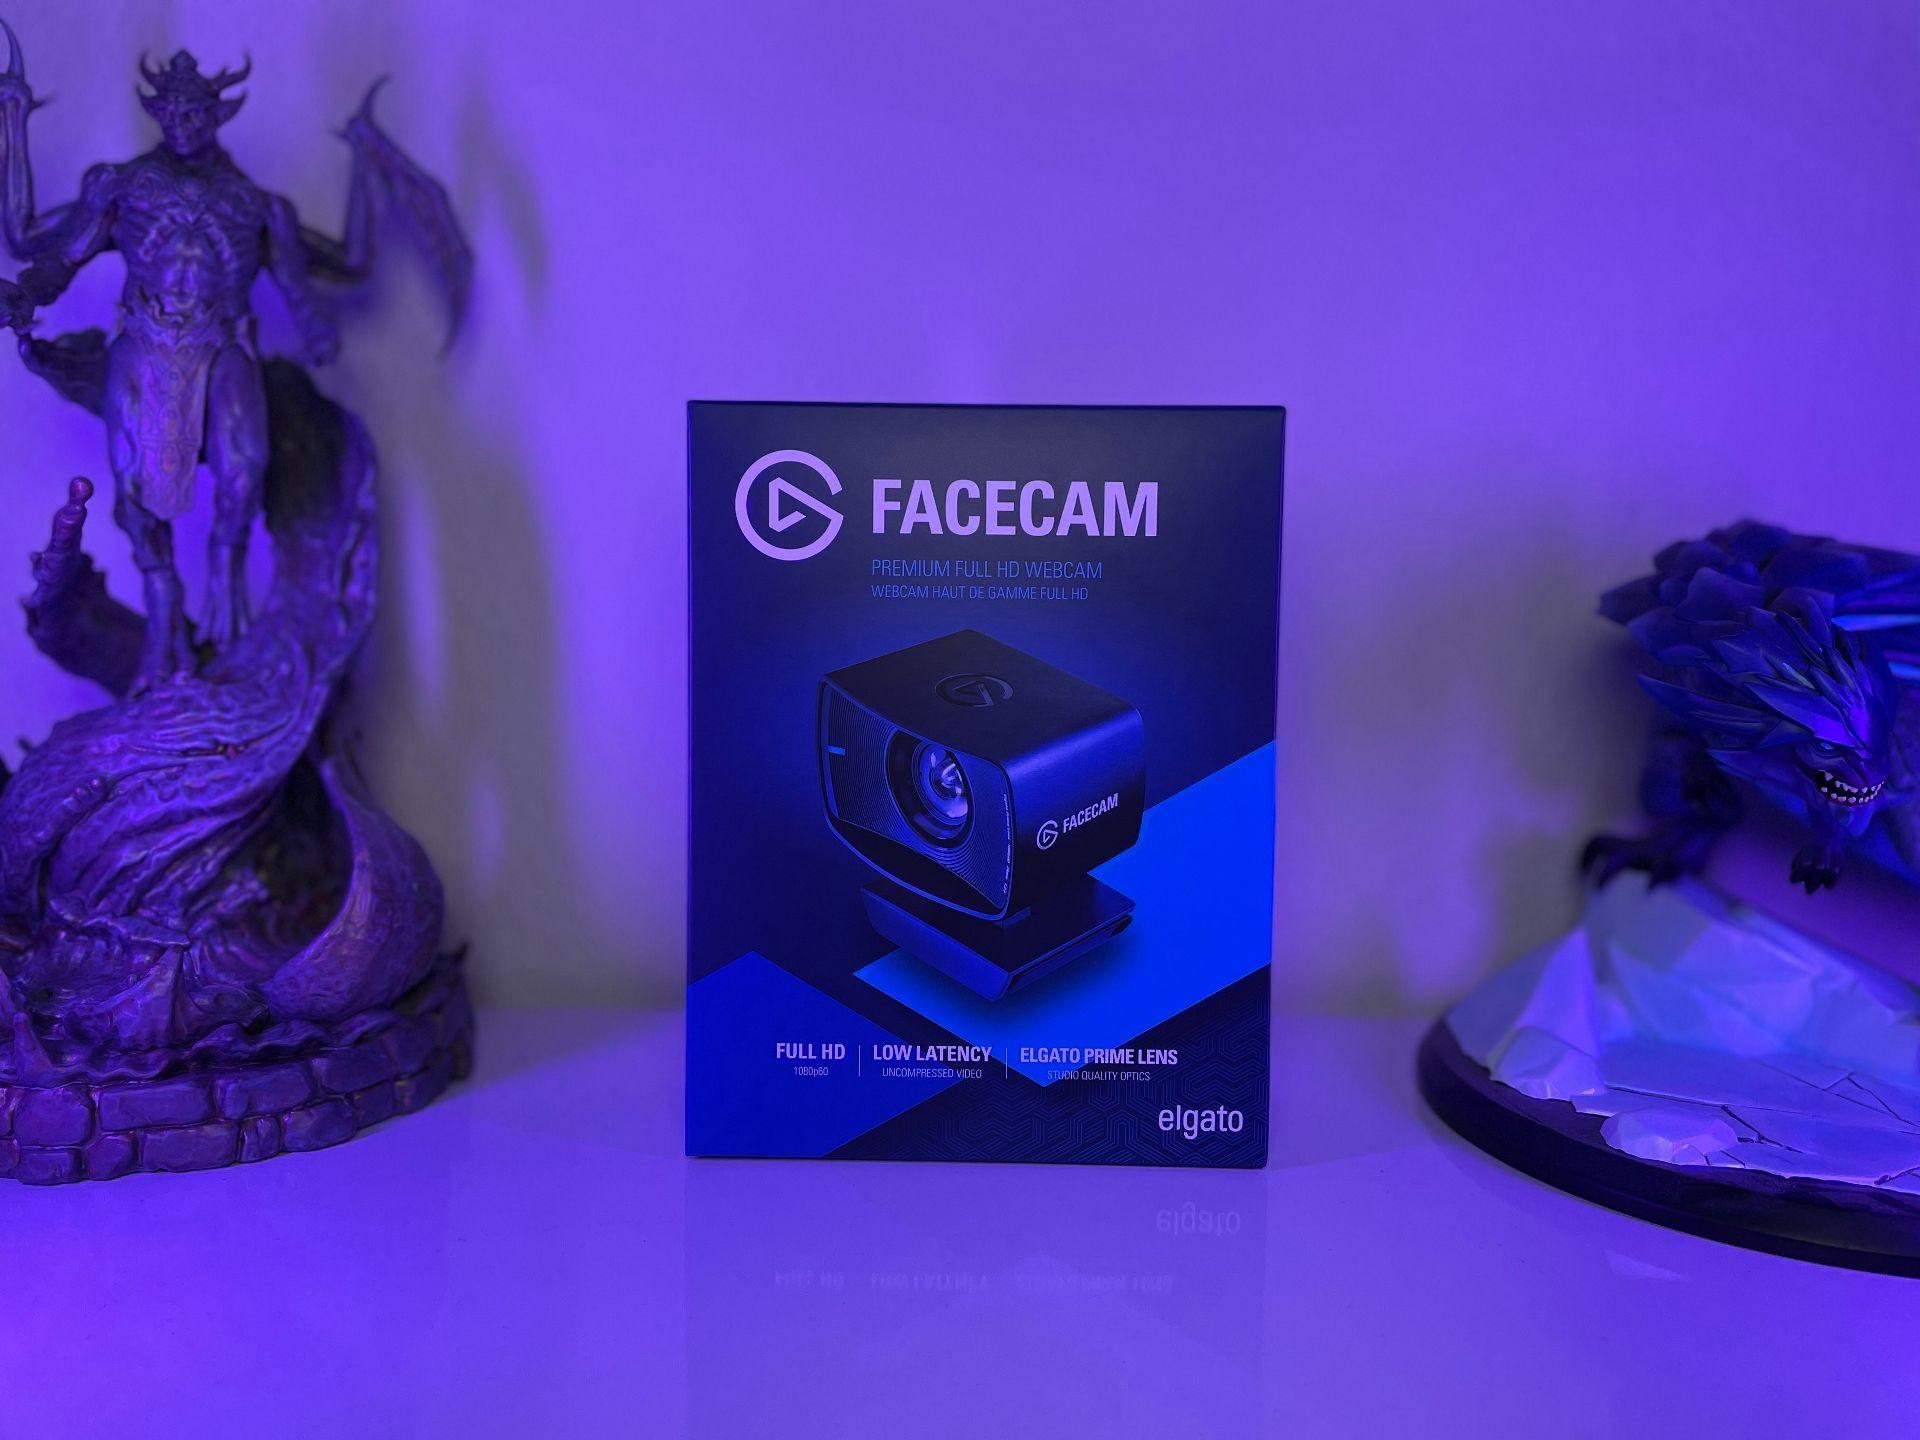 elgato-facecam-review